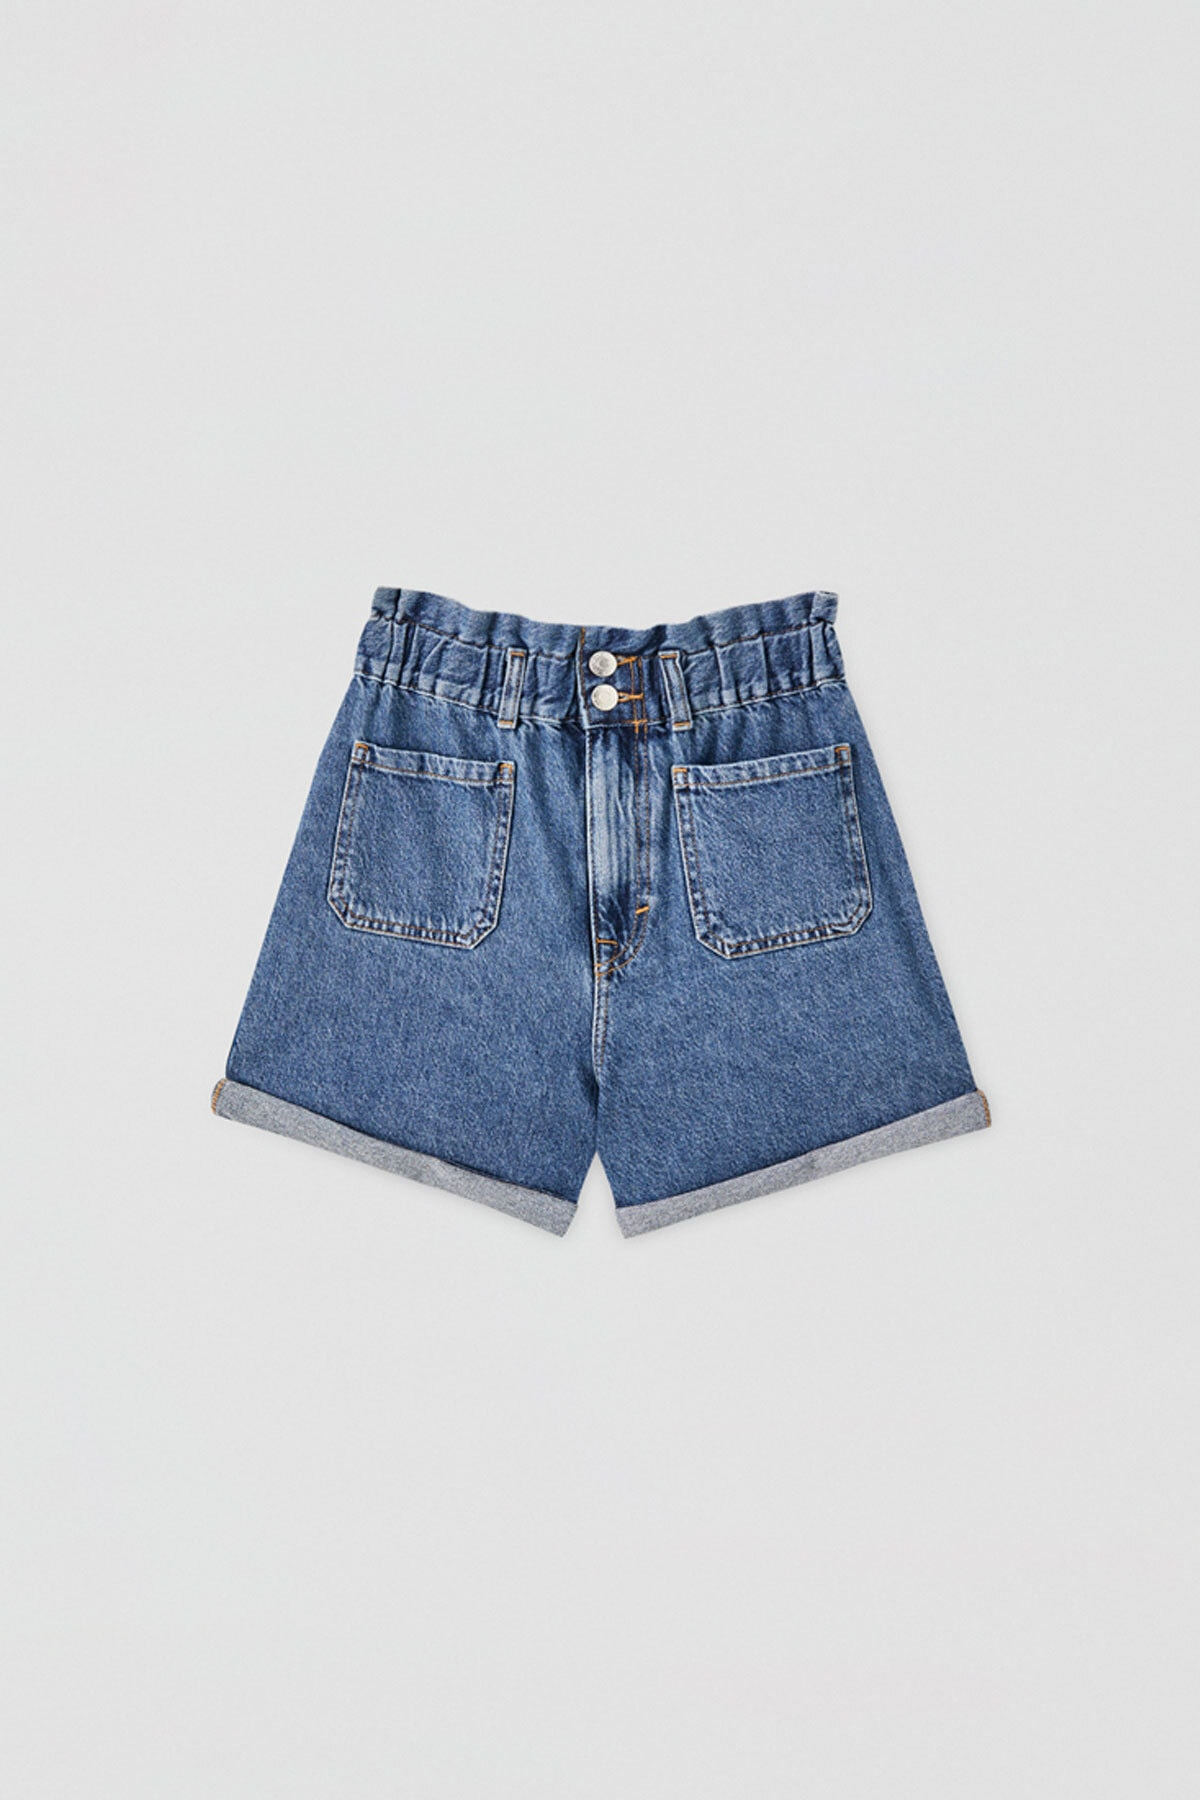 Pull & Bear Kadın Mavi Elastik Belli Denim Bermuda 05692303 0